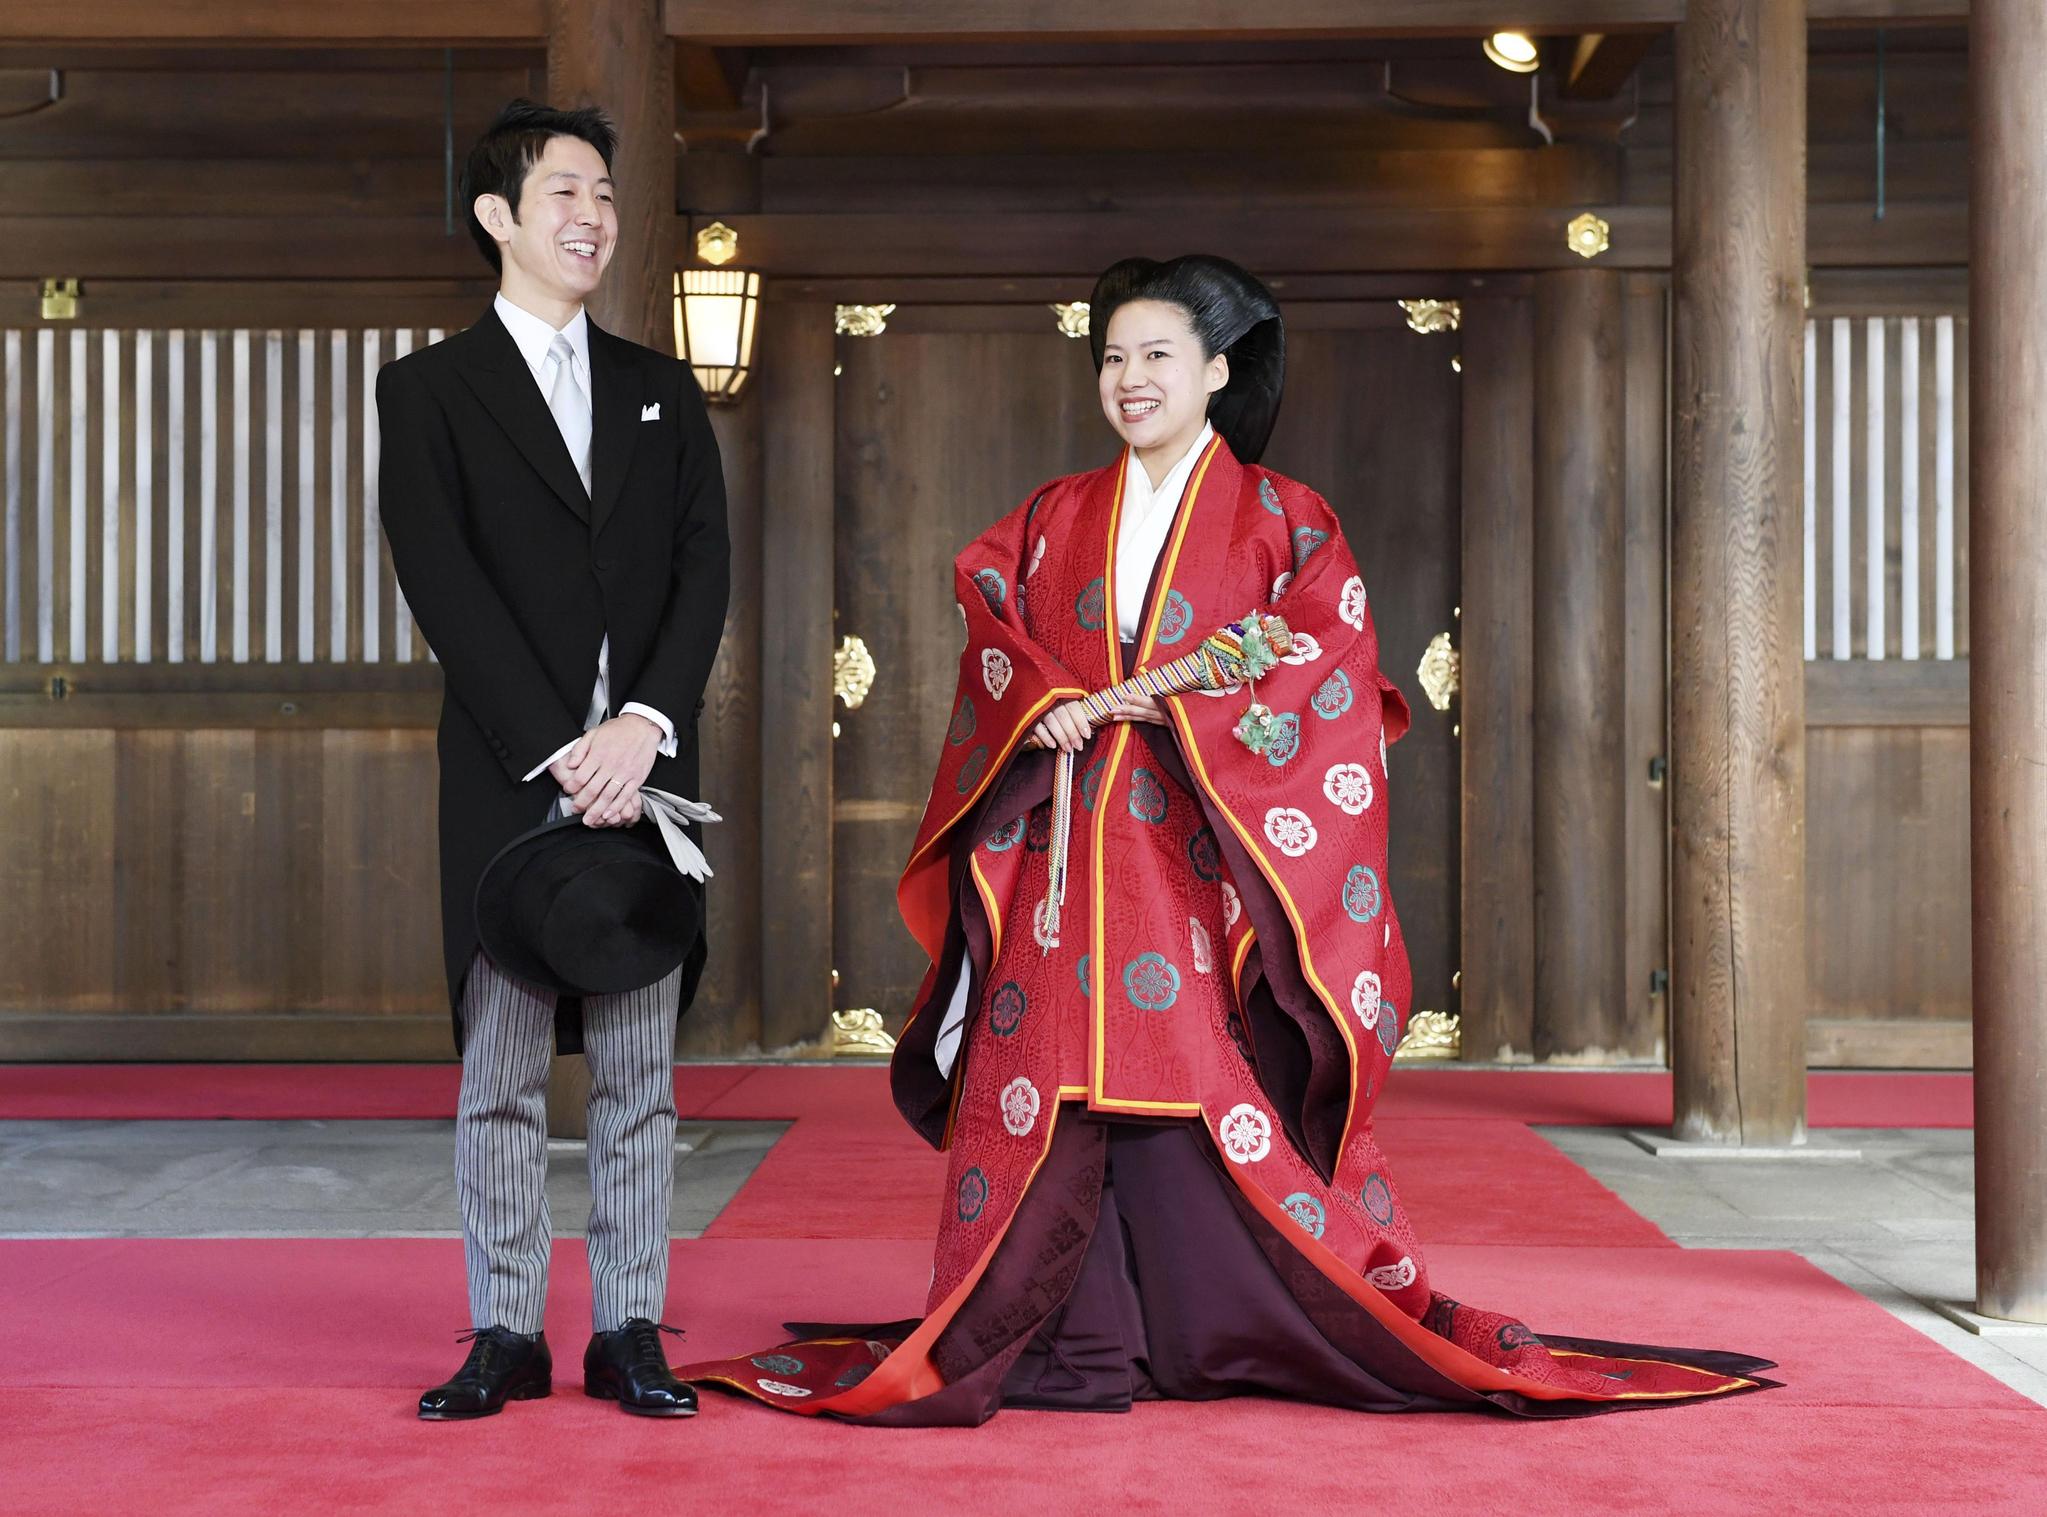 아키히토 일왕의 5촌 조카인 아야코(28) 공주와 회사원 모리야 게이(32)씨의 결혼식이 29일 도쿄 메이지진구에서 열리고 있다. [연합뉴스]